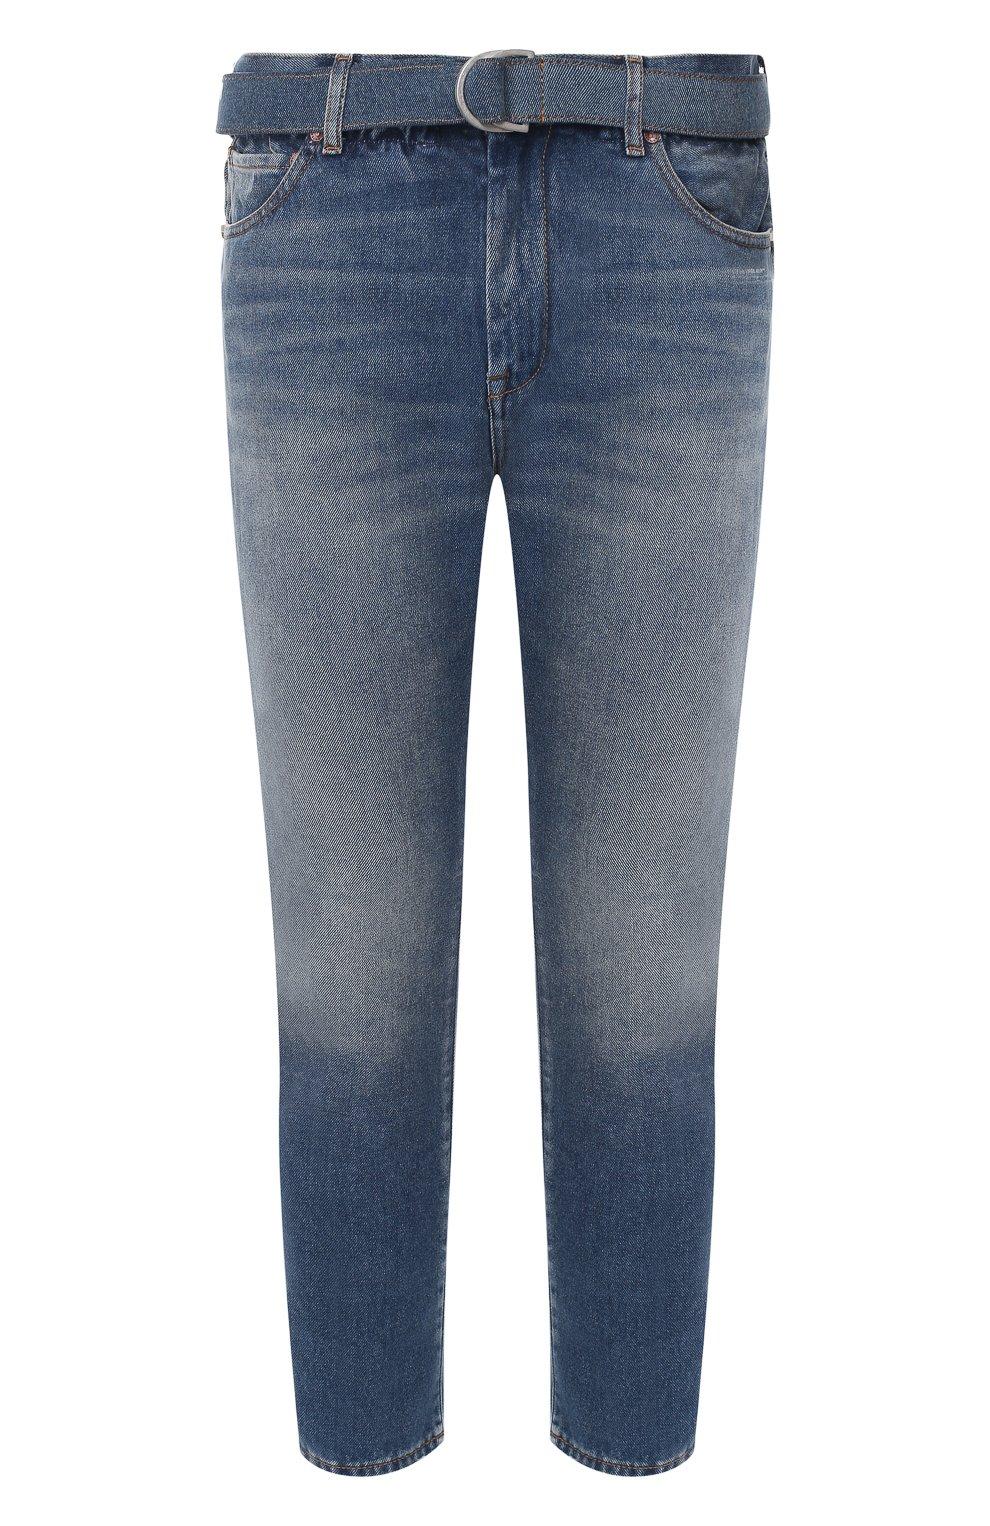 Мужские синие джинсы OFF-WHITE — купить за 41050 руб. в интернет-магазине ЦУМ, арт. 0MYA005R20G660278701